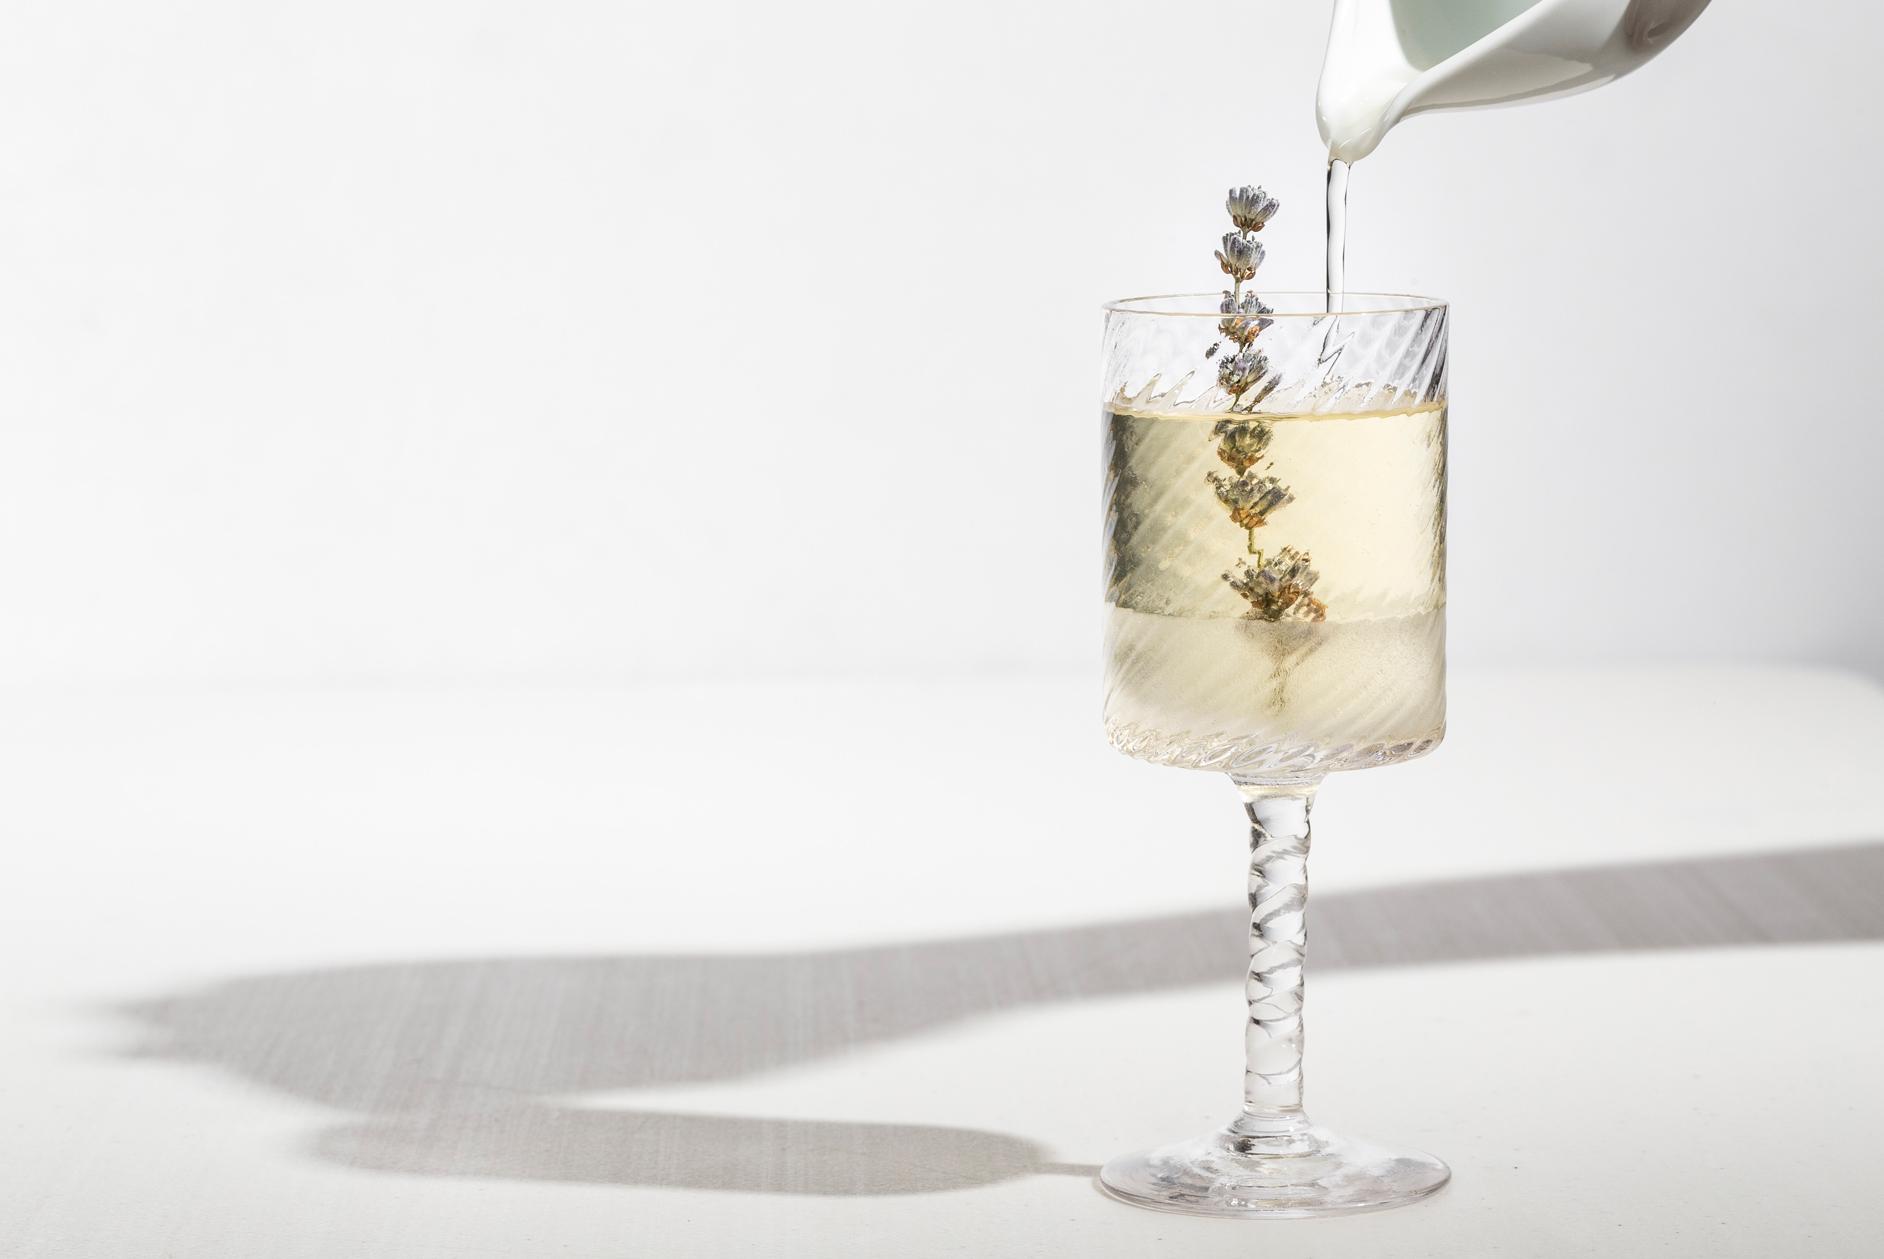 DRINKS ATELIER BY MARC ÁLVAREZ